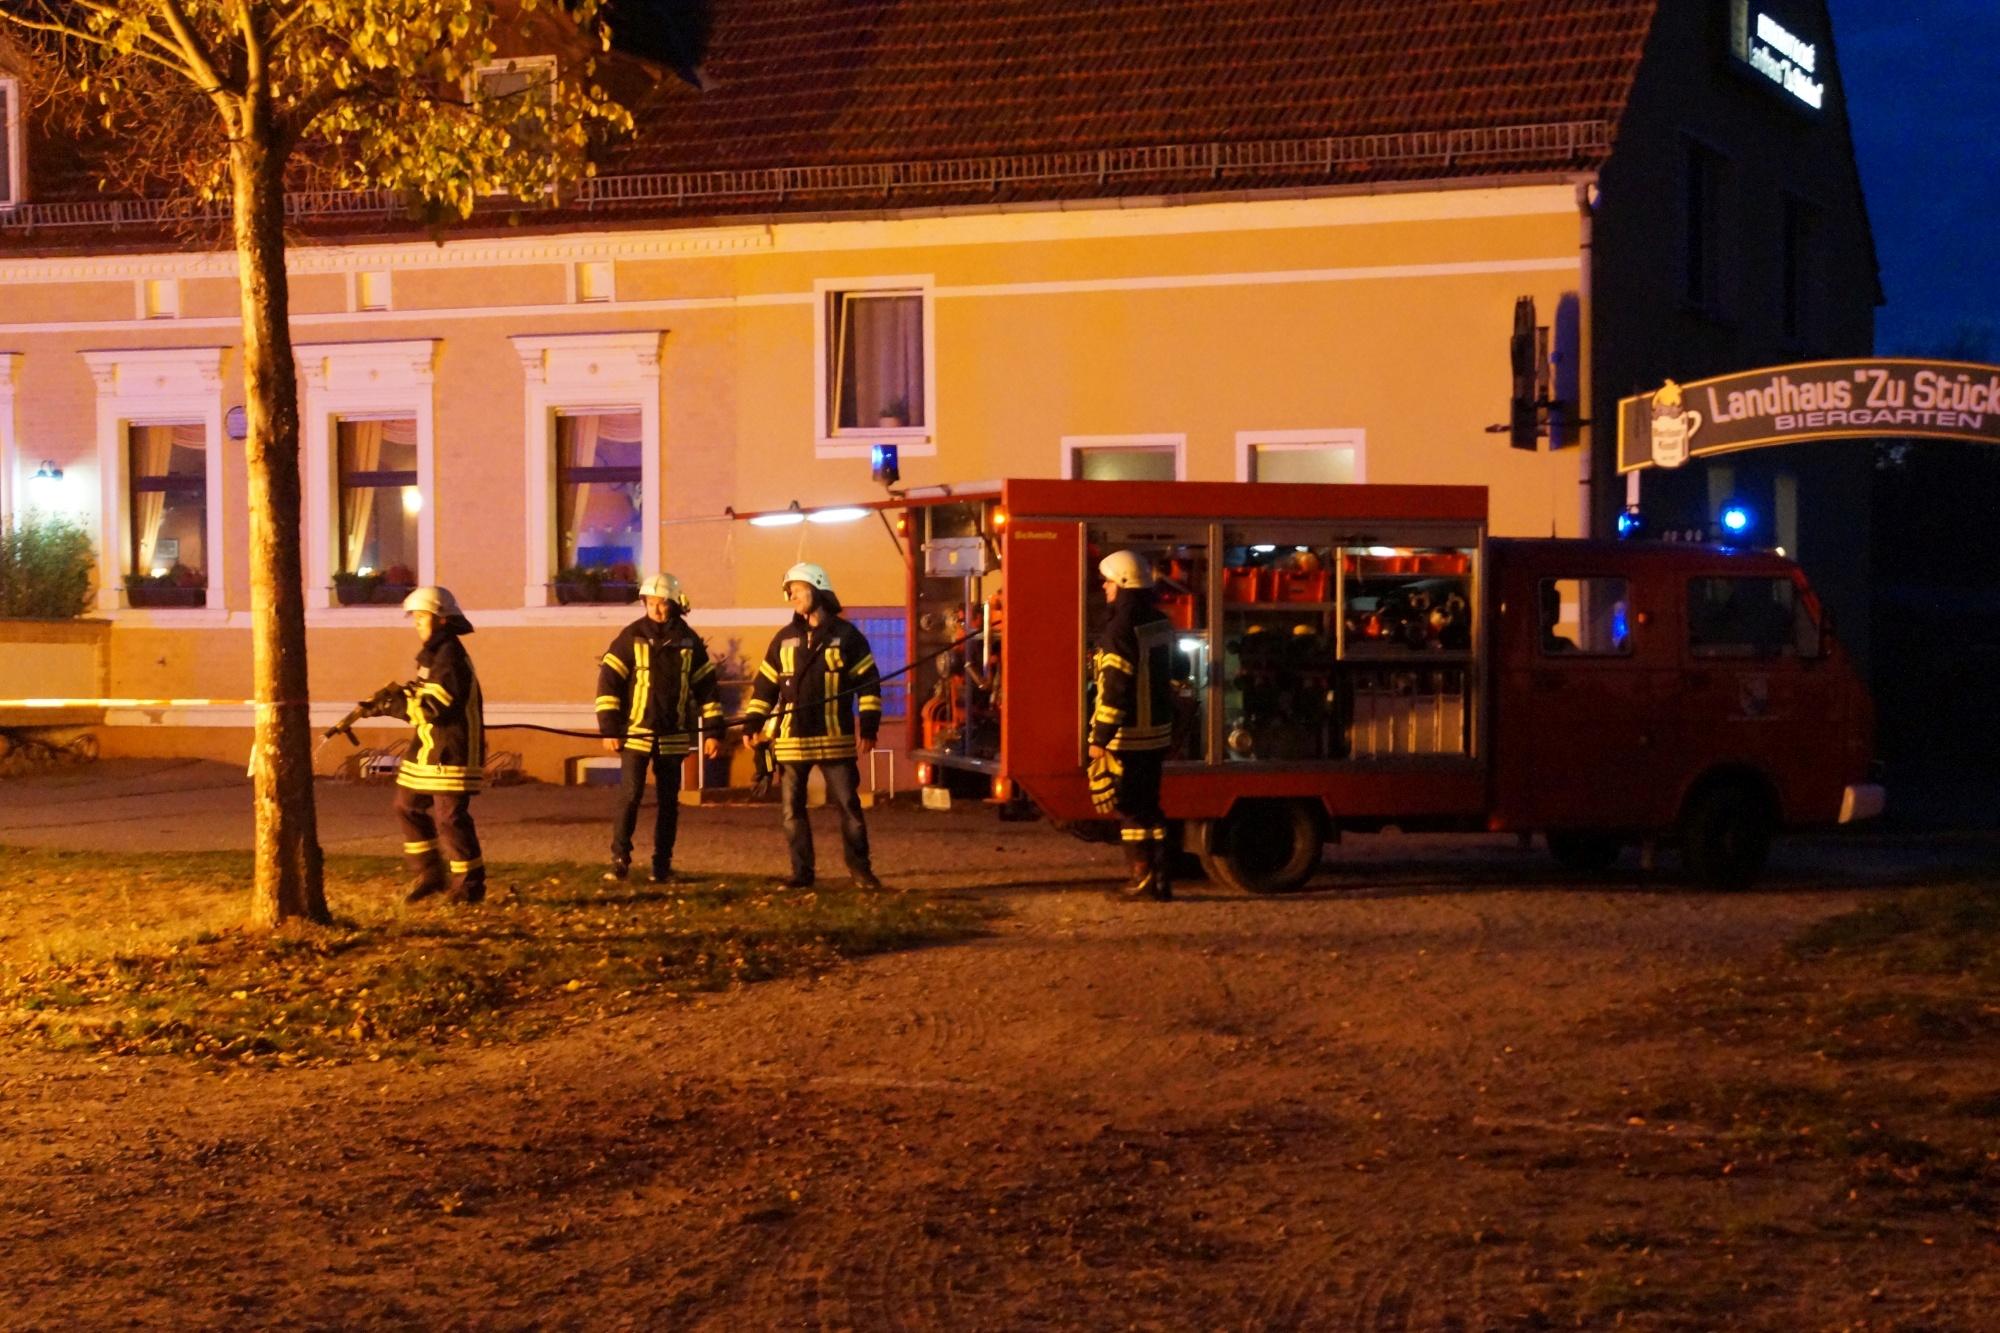 Feuerwehr_Tag_der_offenen_Tür_2018_55